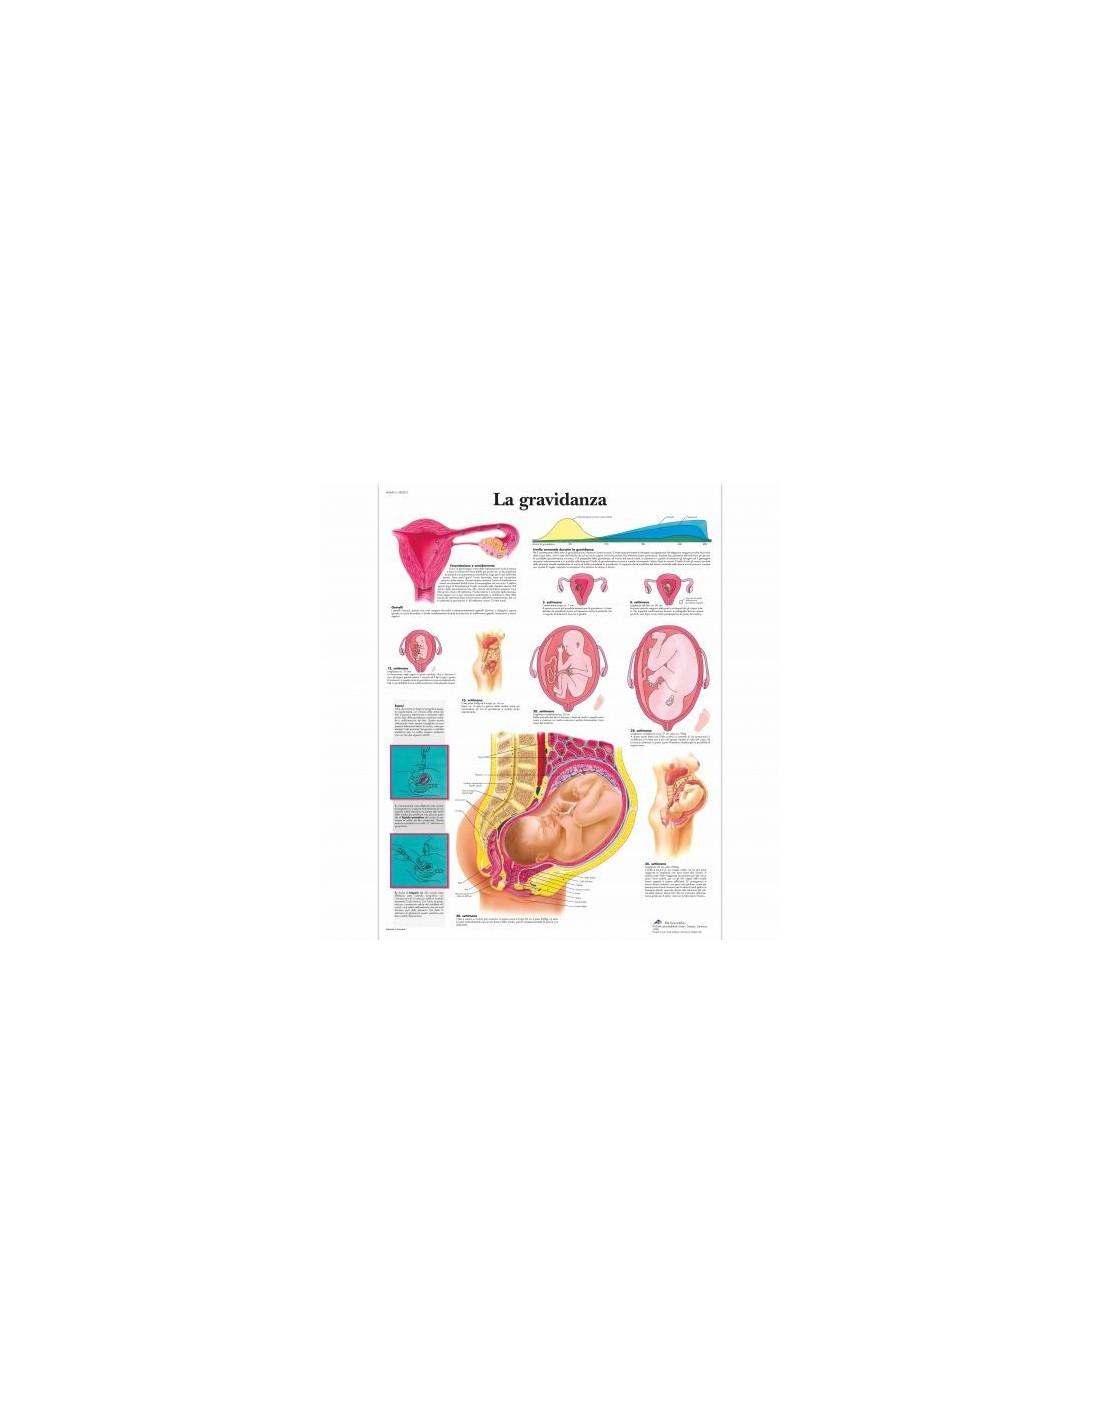 modelo anatómico de la sección longitudinal del riñón, 3 veces K10